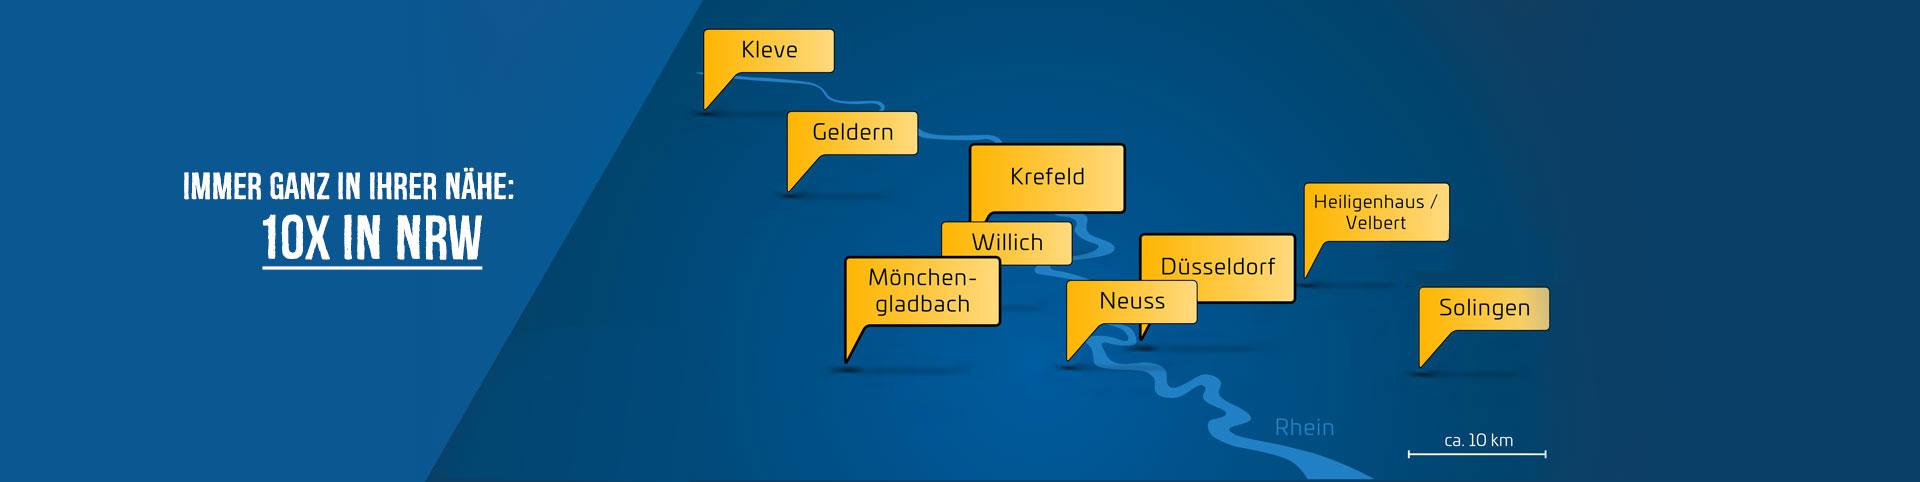 Standorte vom Autozentrum P&A-Preckel in NRW